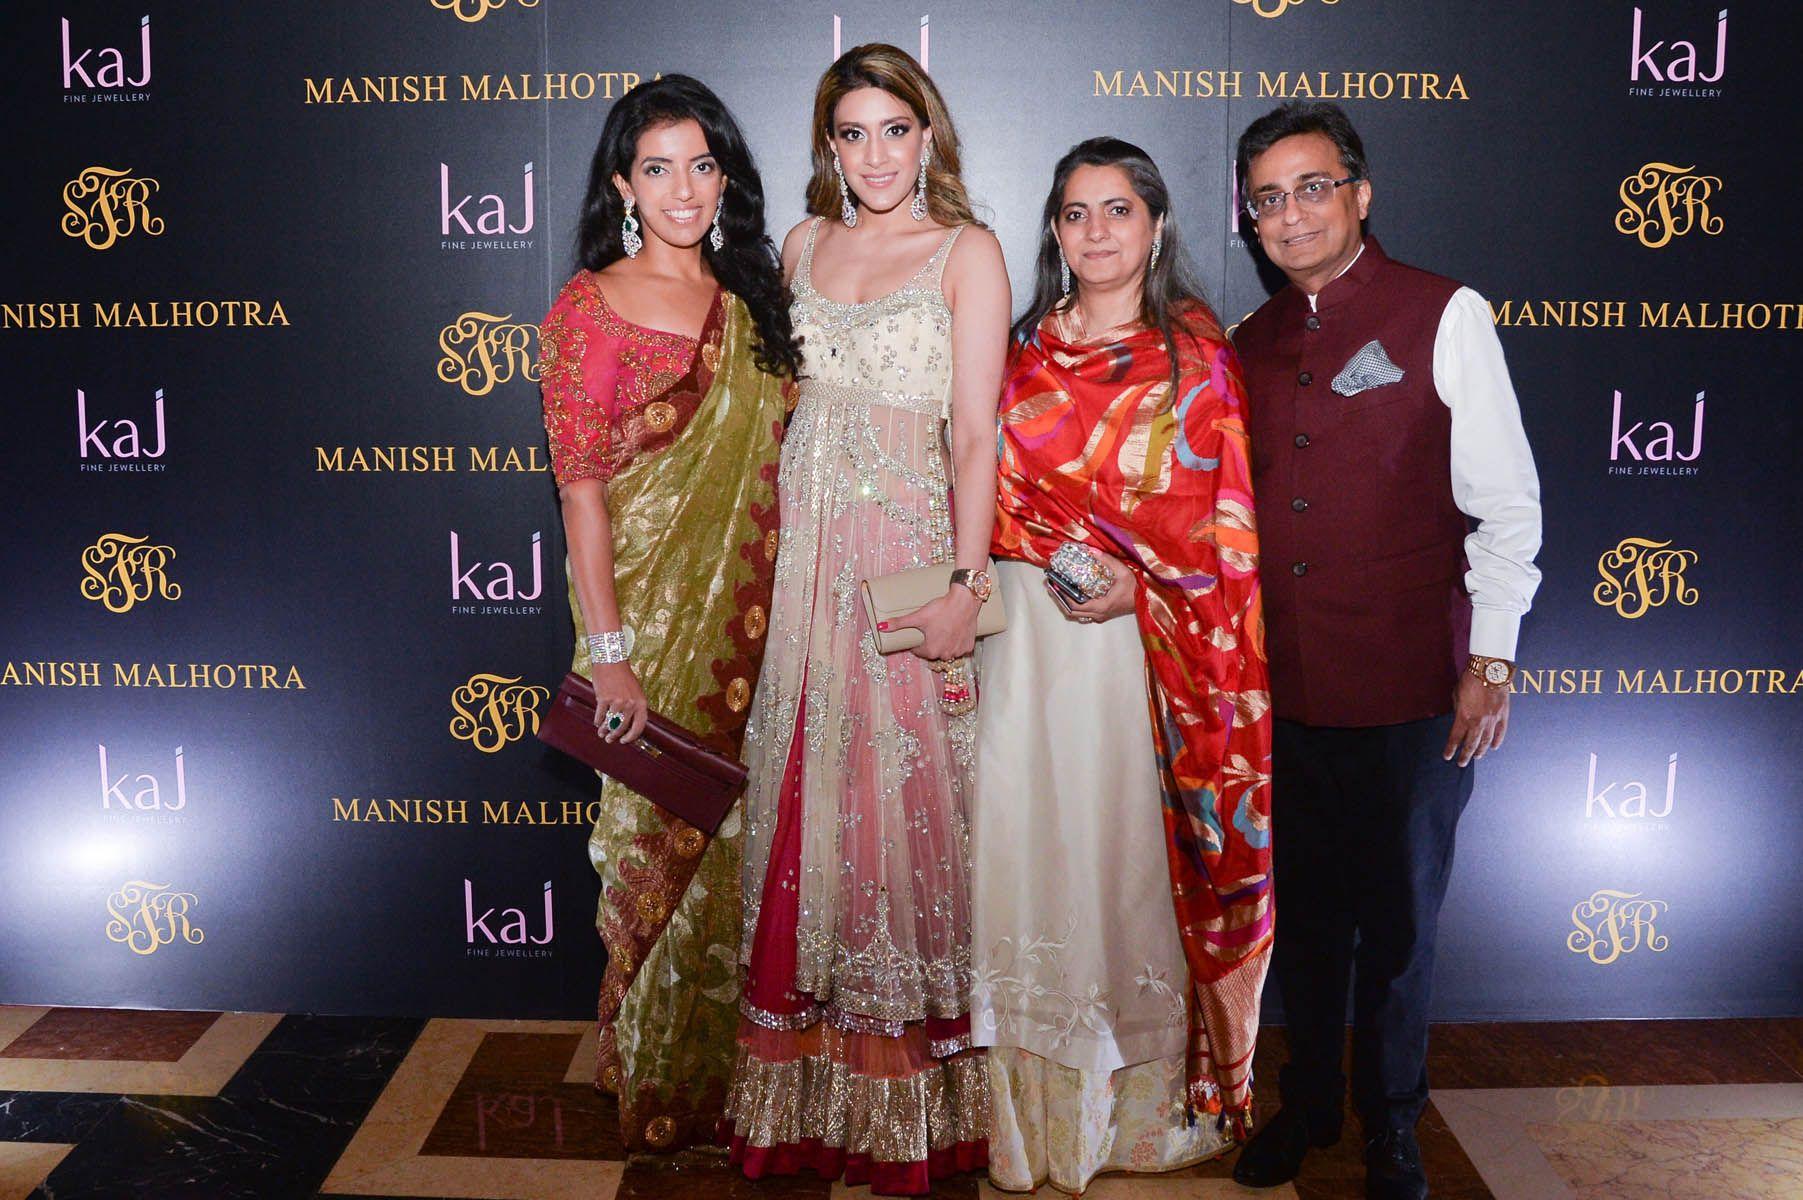 Michelle Buxani, Karina Buxani, Naina Buxani, Mahesh Buxani